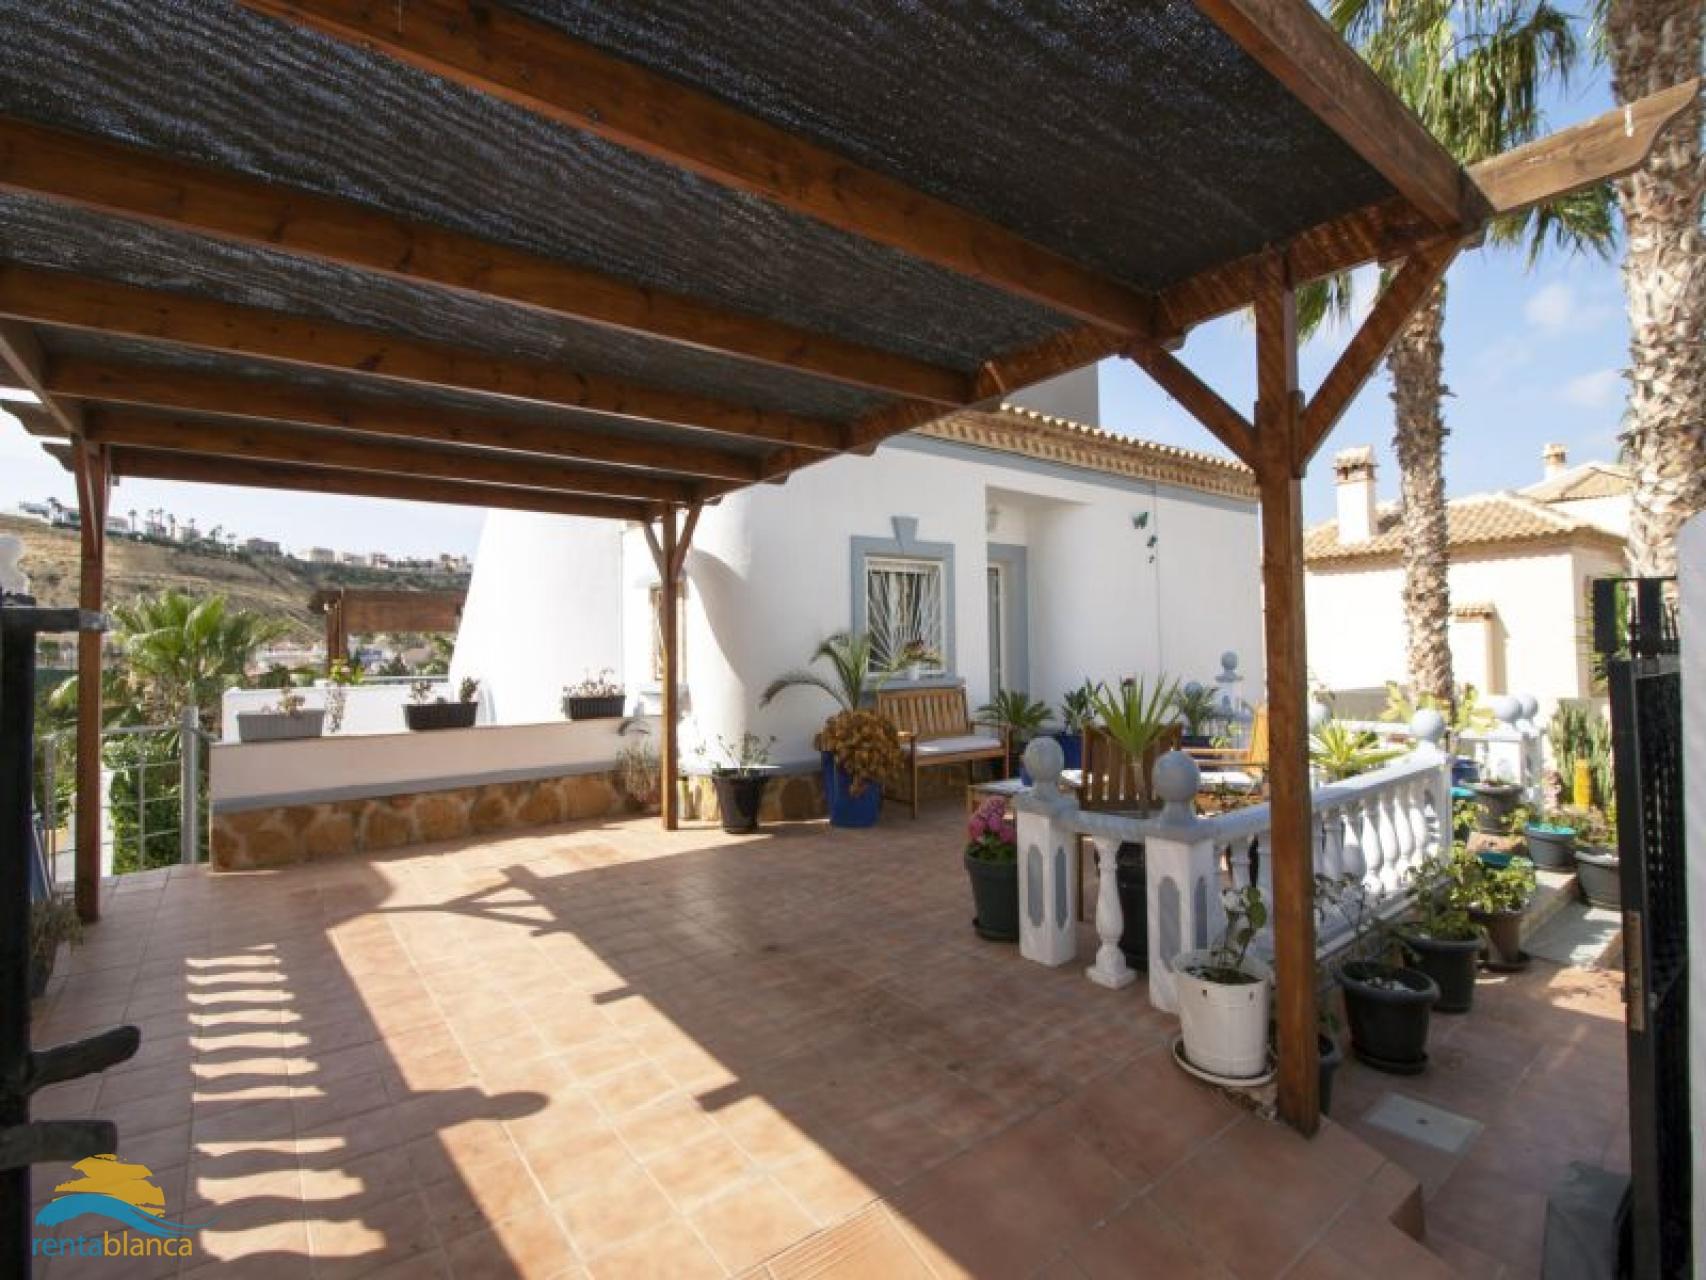 Detached villa - Rojales - Rentablanca